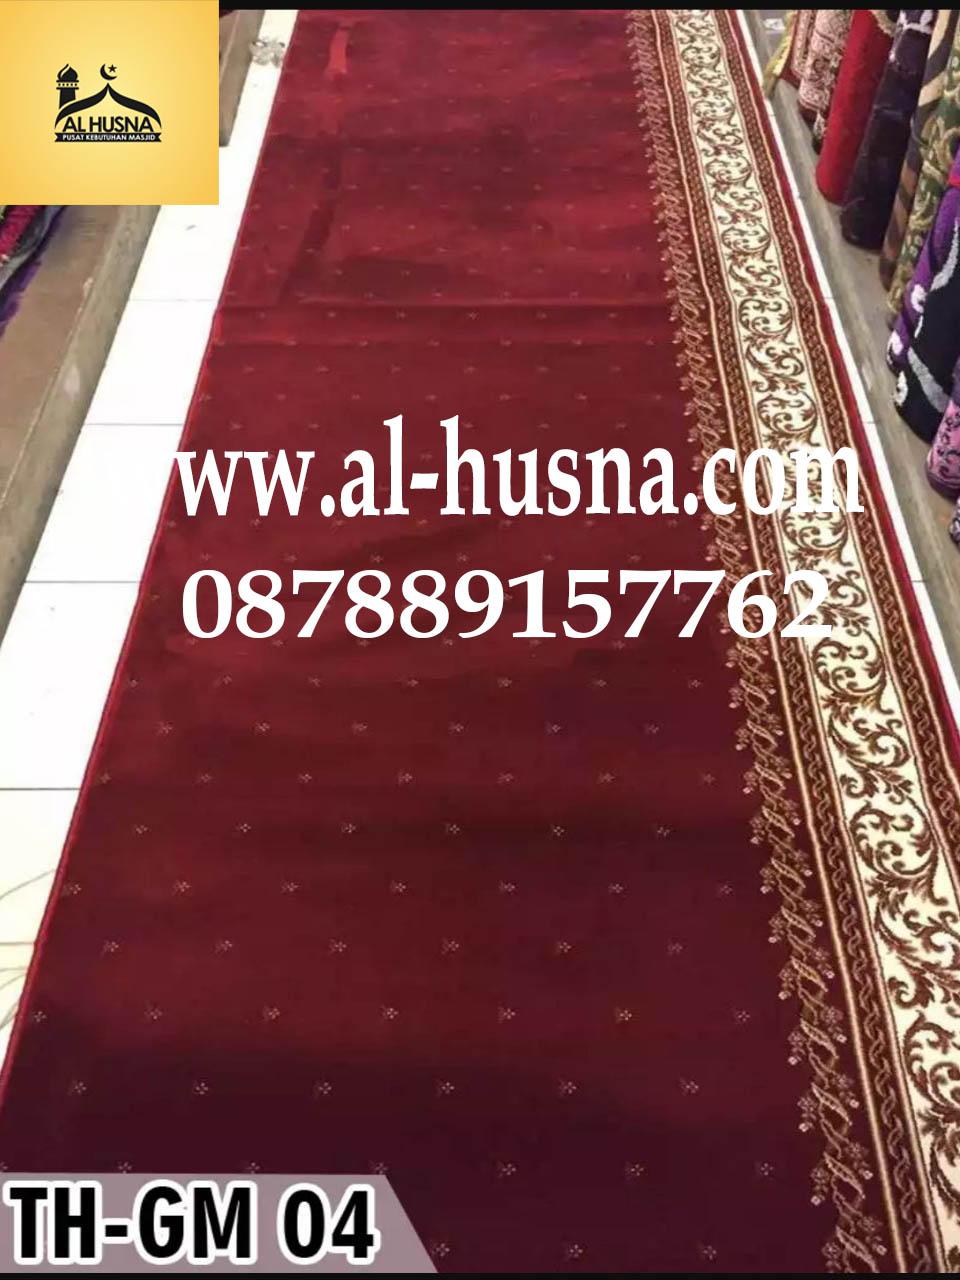 karpet-masjid-turki-grand-mosque-tanpa-harga.jpg